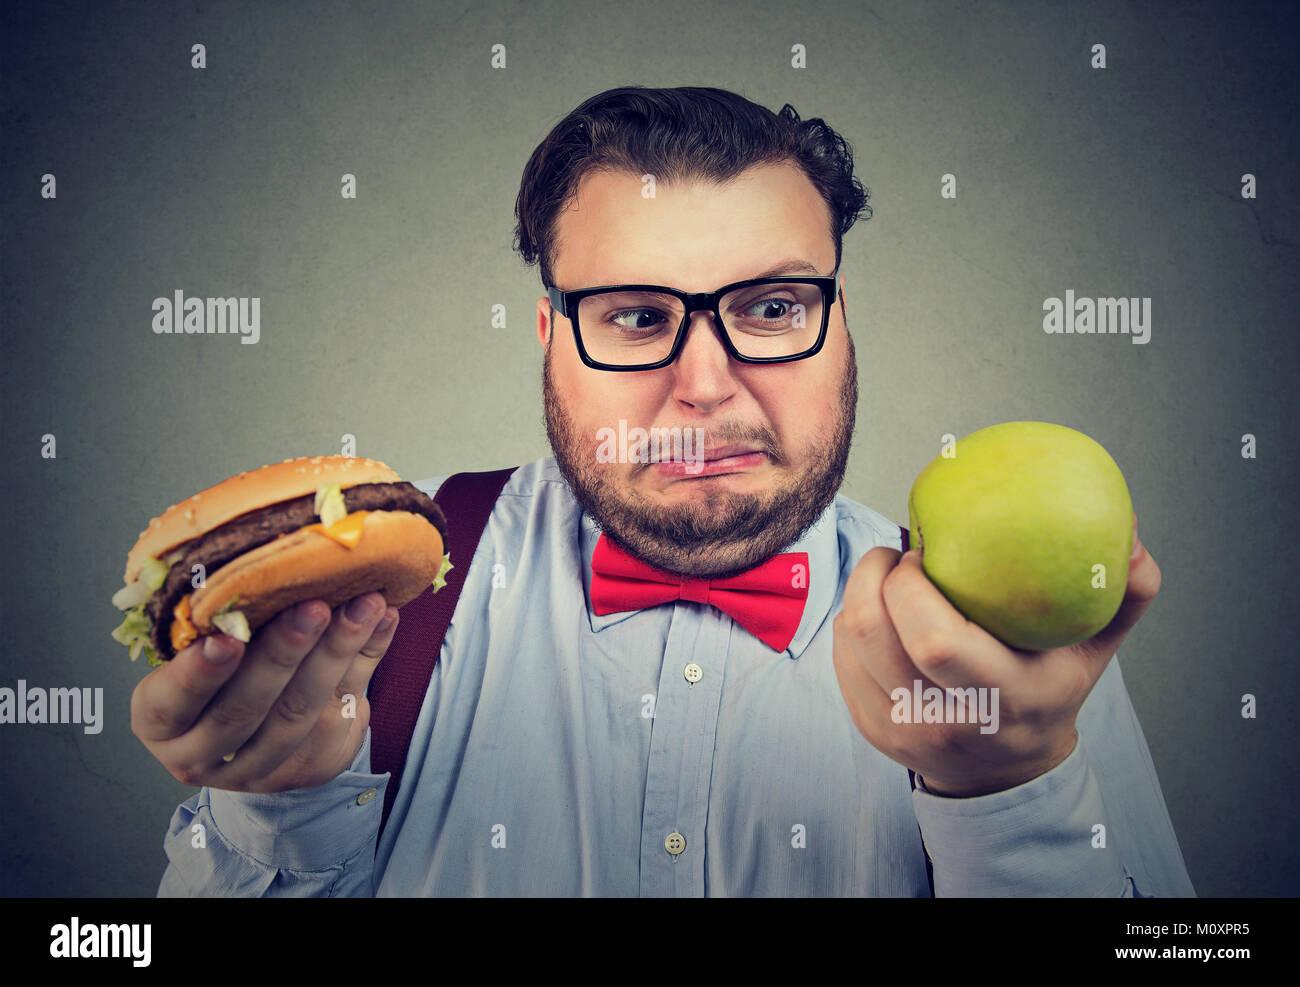 Il sovrappeso uomo holding hamburger e mela verde avendo problemi con la dieta scelta. Immagini Stock